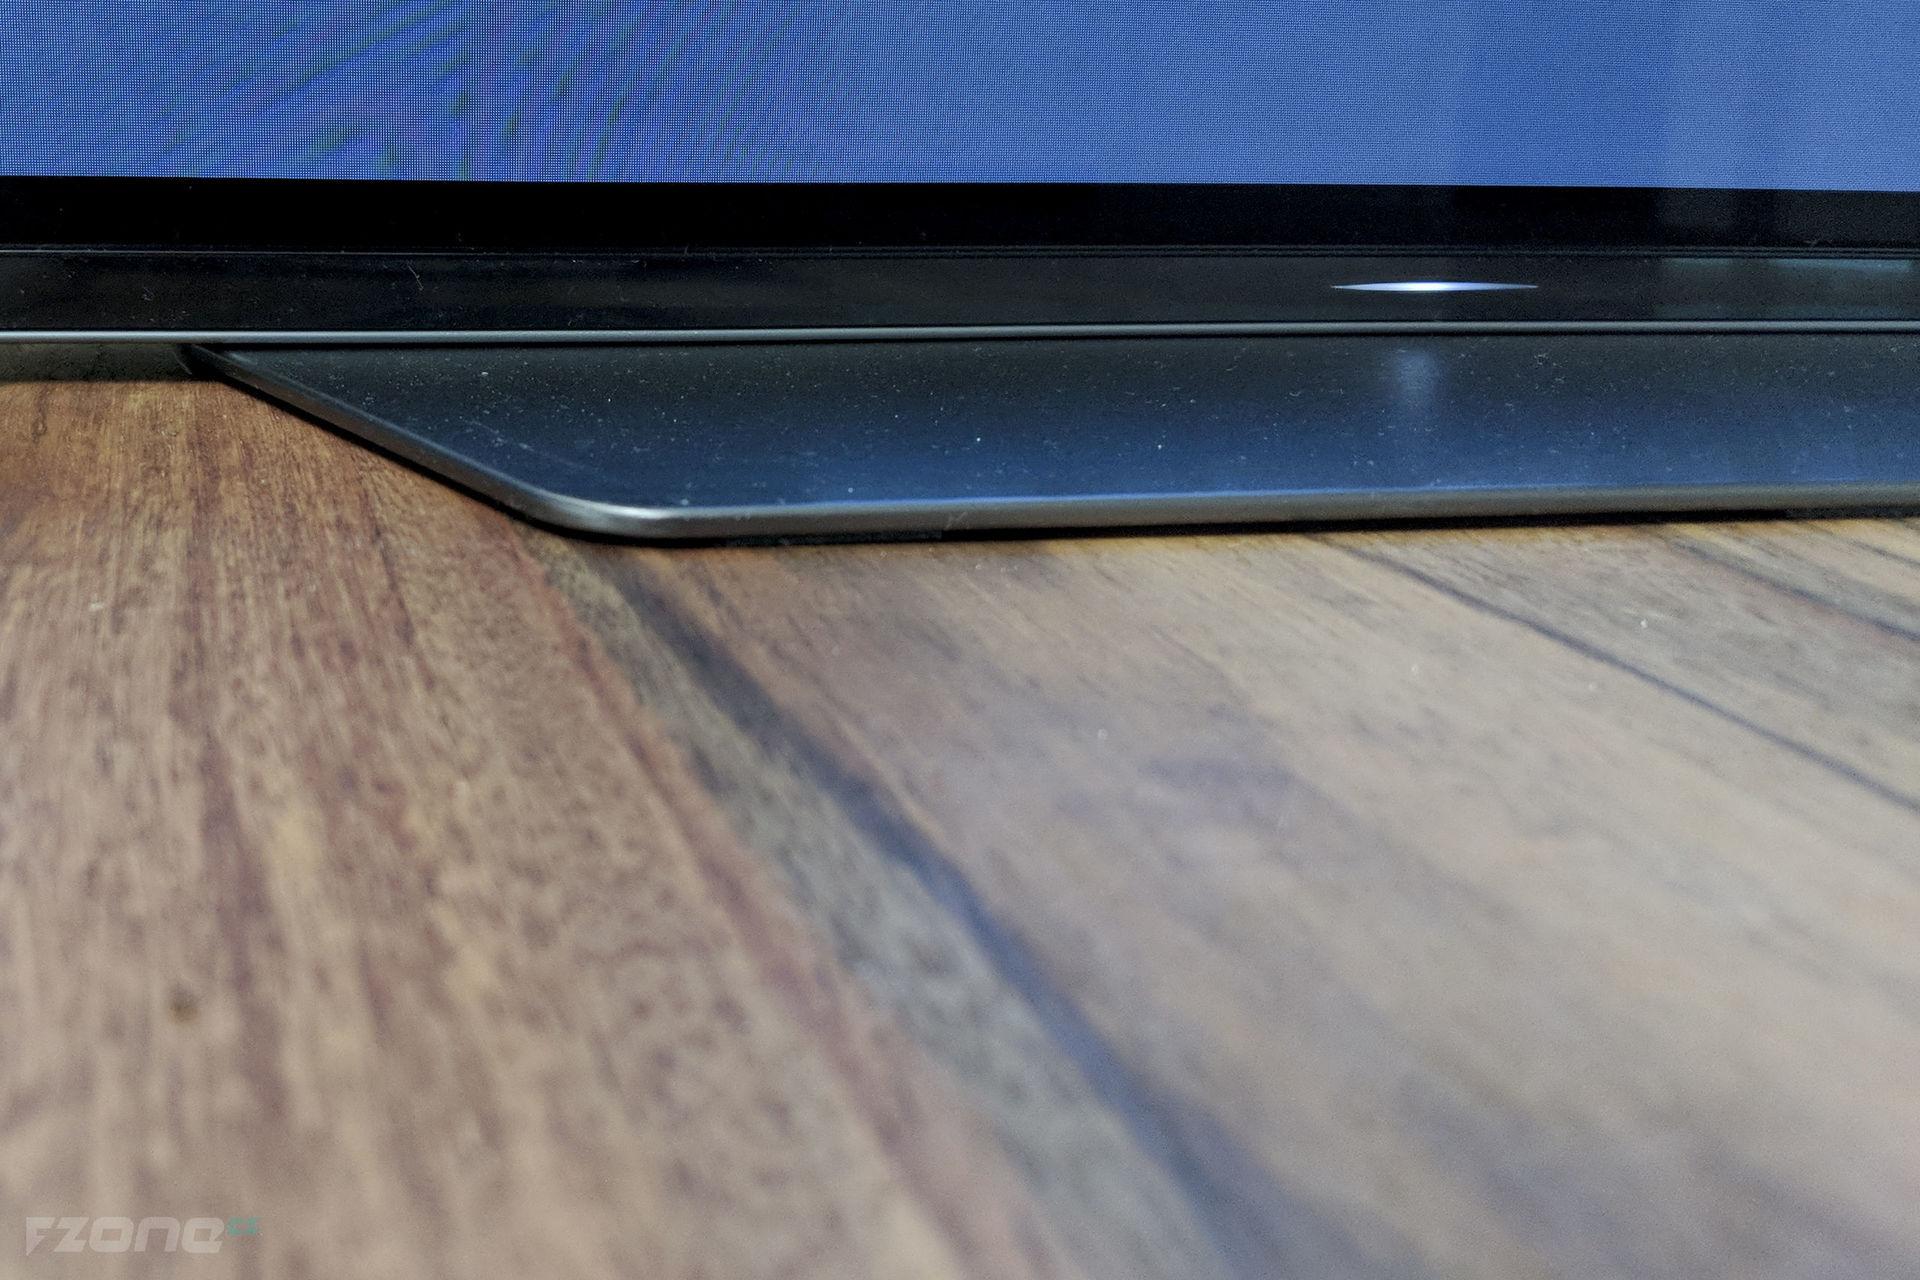 Sony Bravia AF8 OLED